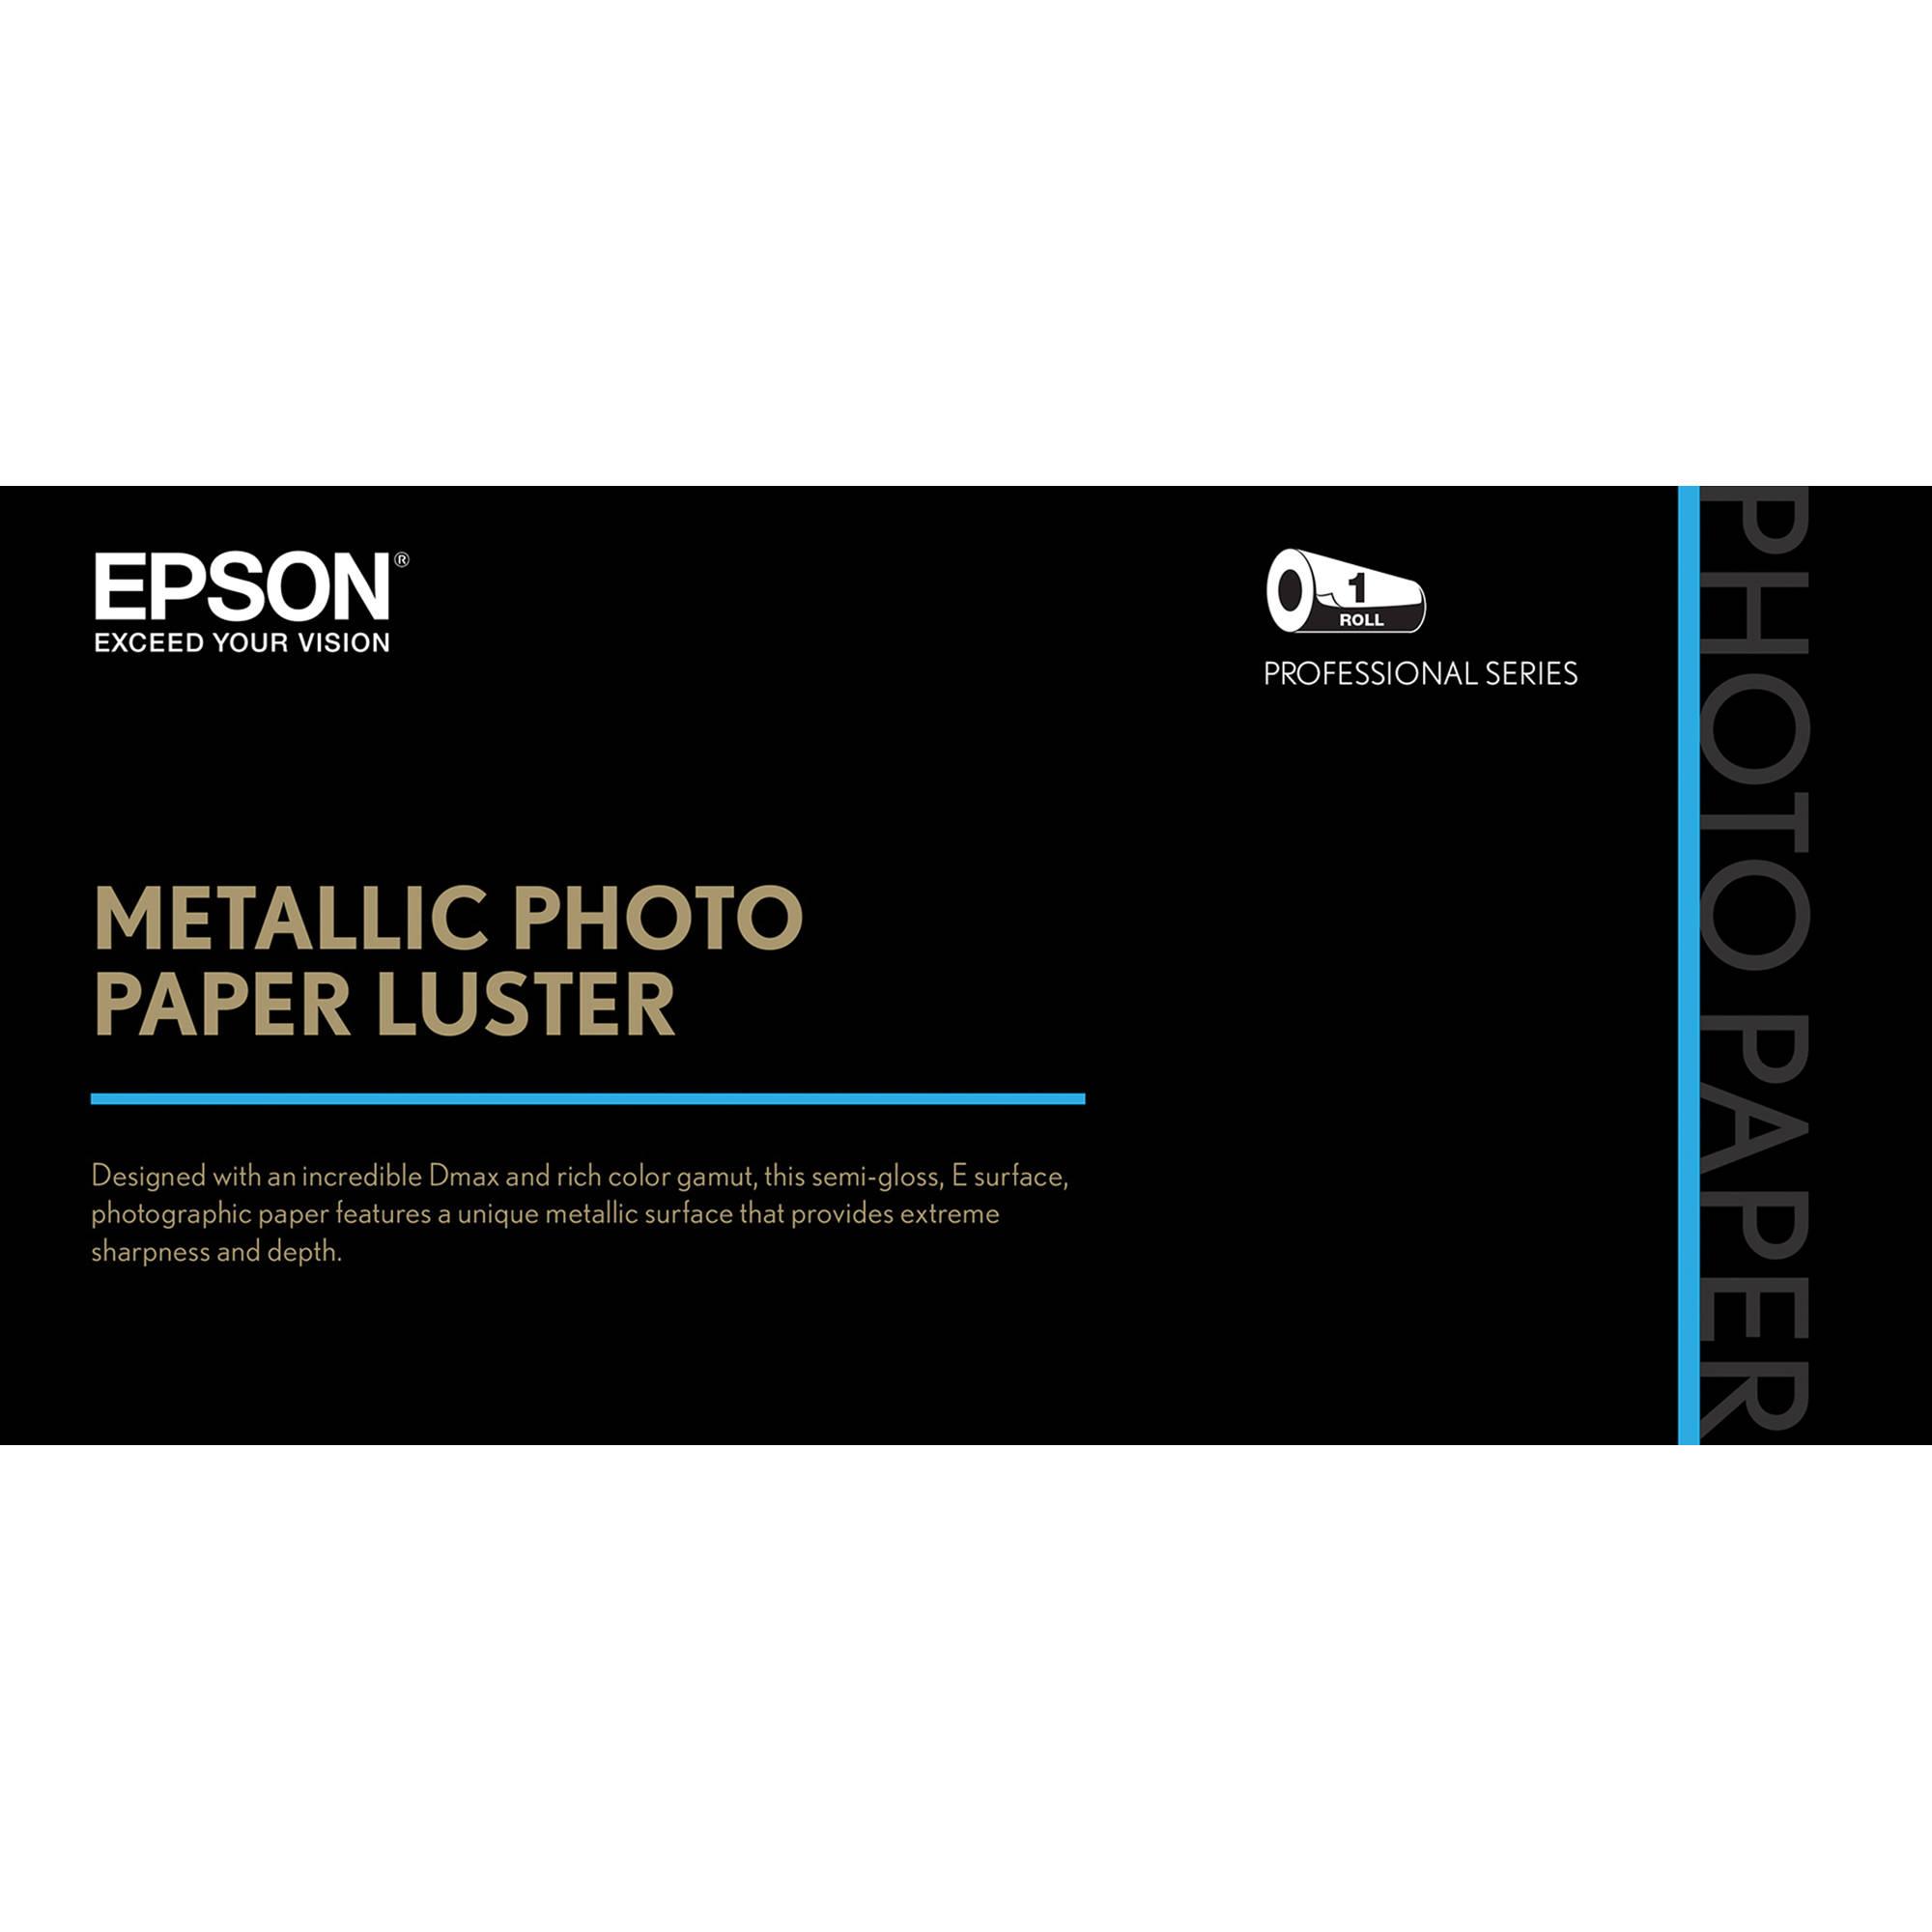 epson luster paper Papel ultra premium luster de epson este es uno de nuestros papeles fotográficos de mayor performance ofrece la misma superficie lustre e (piel de naranja) de las.